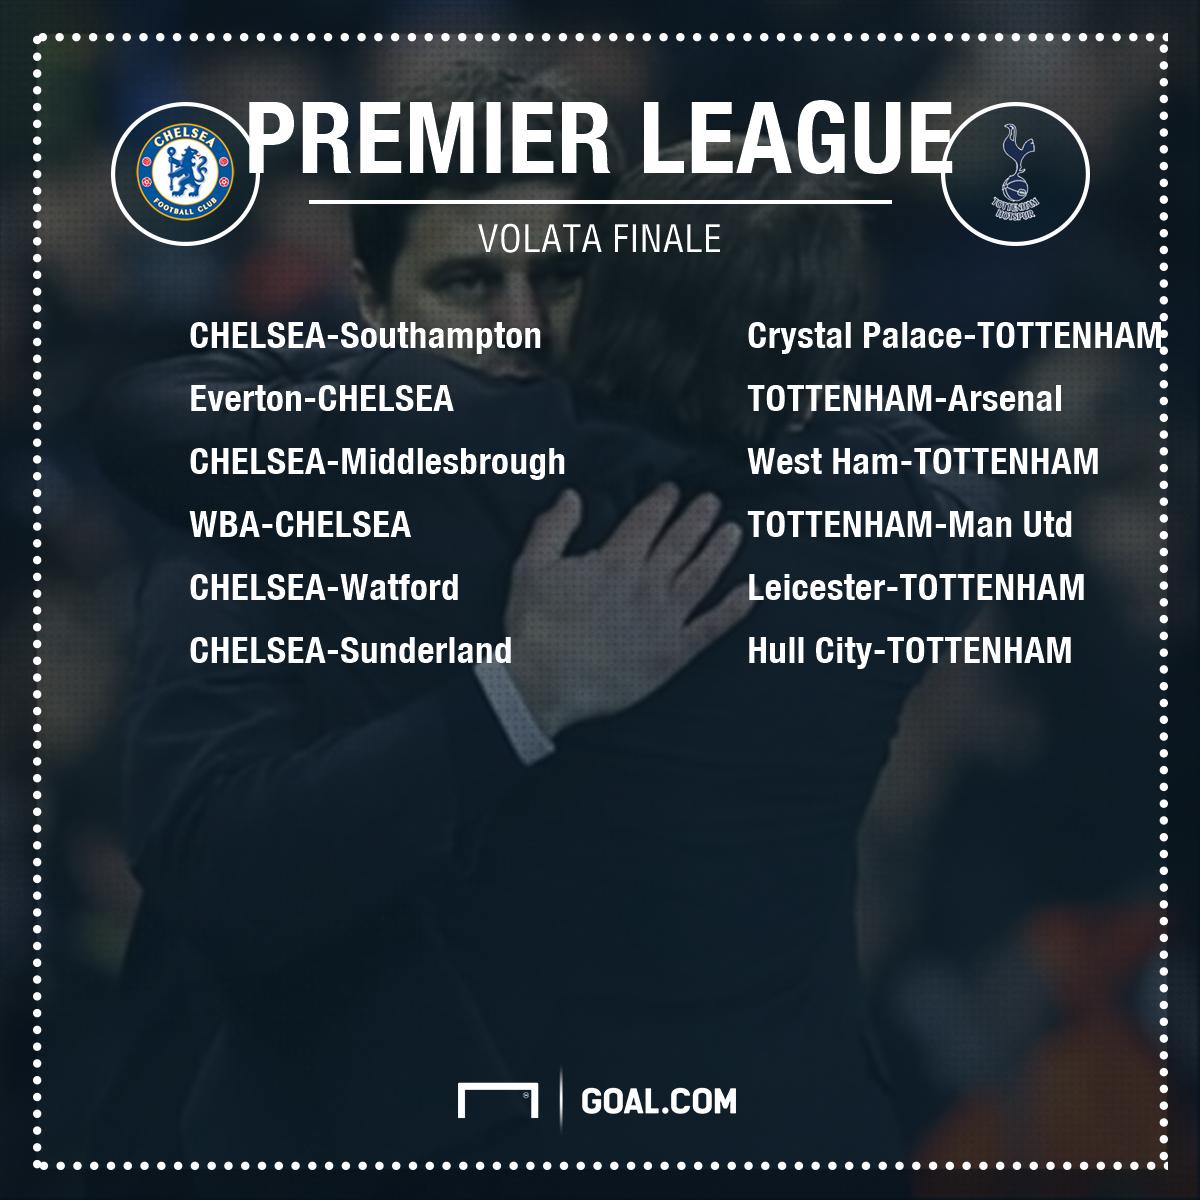 Conte vola in finale di Fa Cup: a Wembley Tottenham battuto 4-2